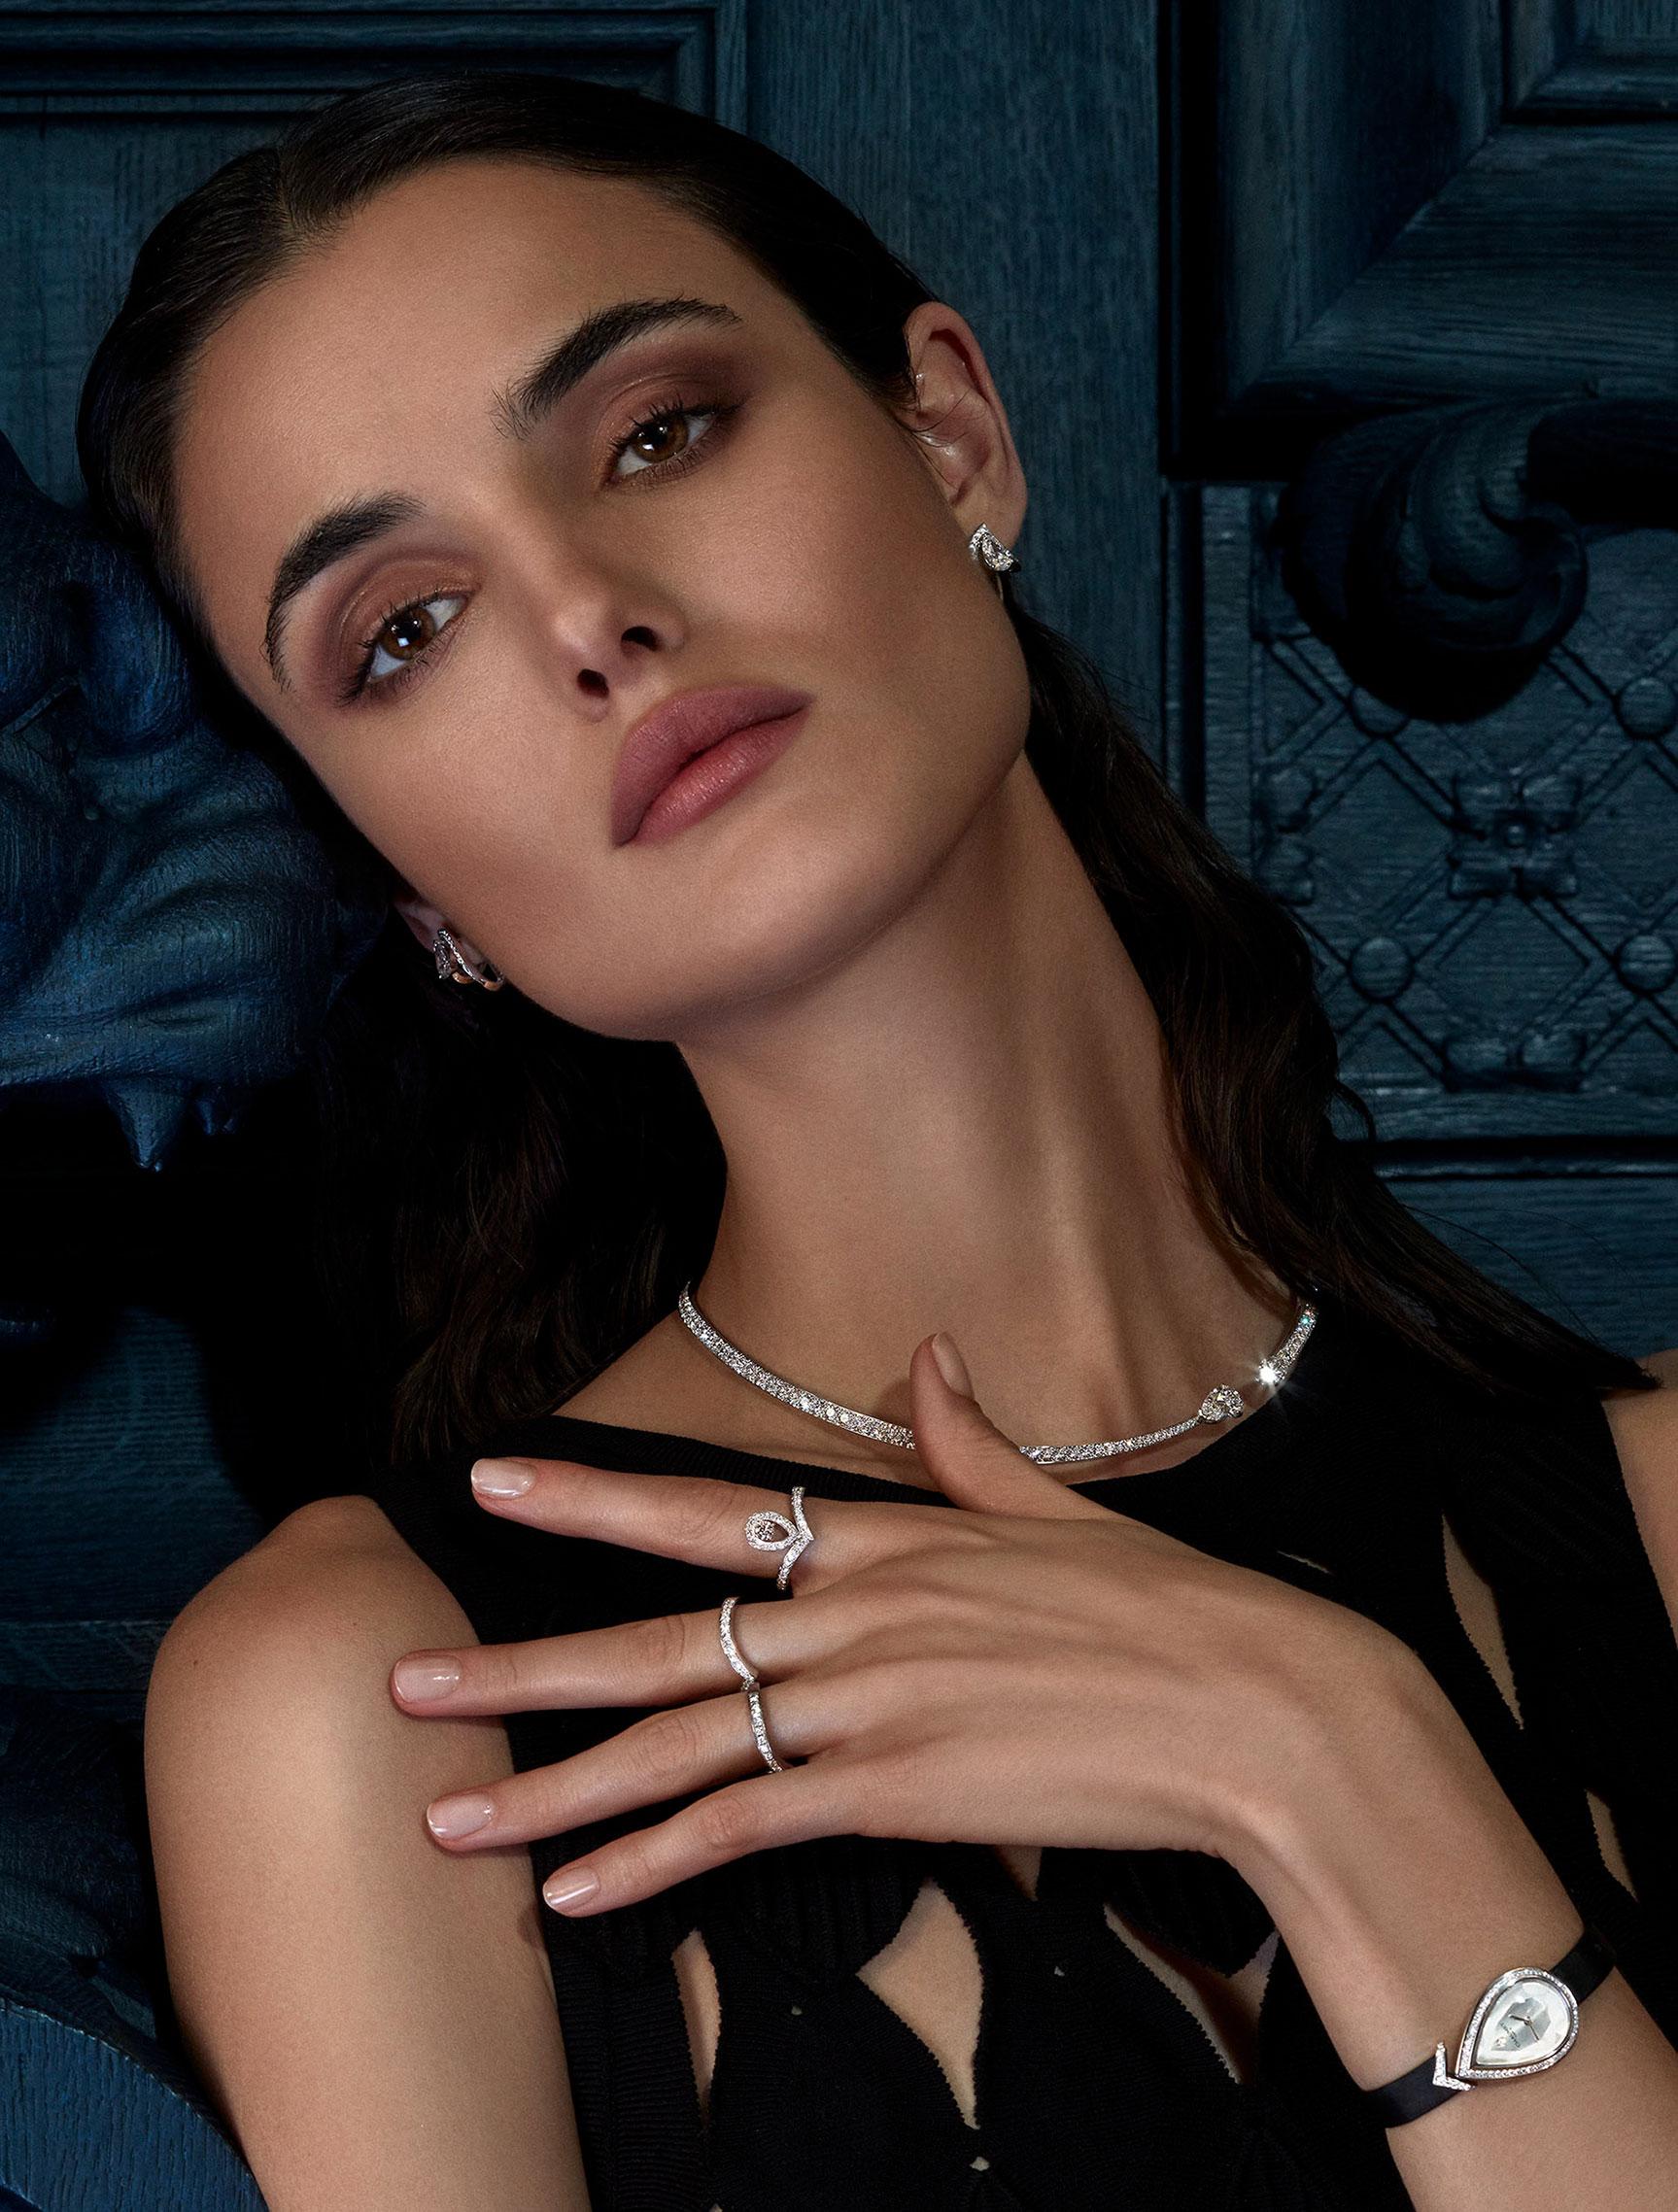 классические парижские ювелирные изделия Chaumet на красивой девушке / фото 14